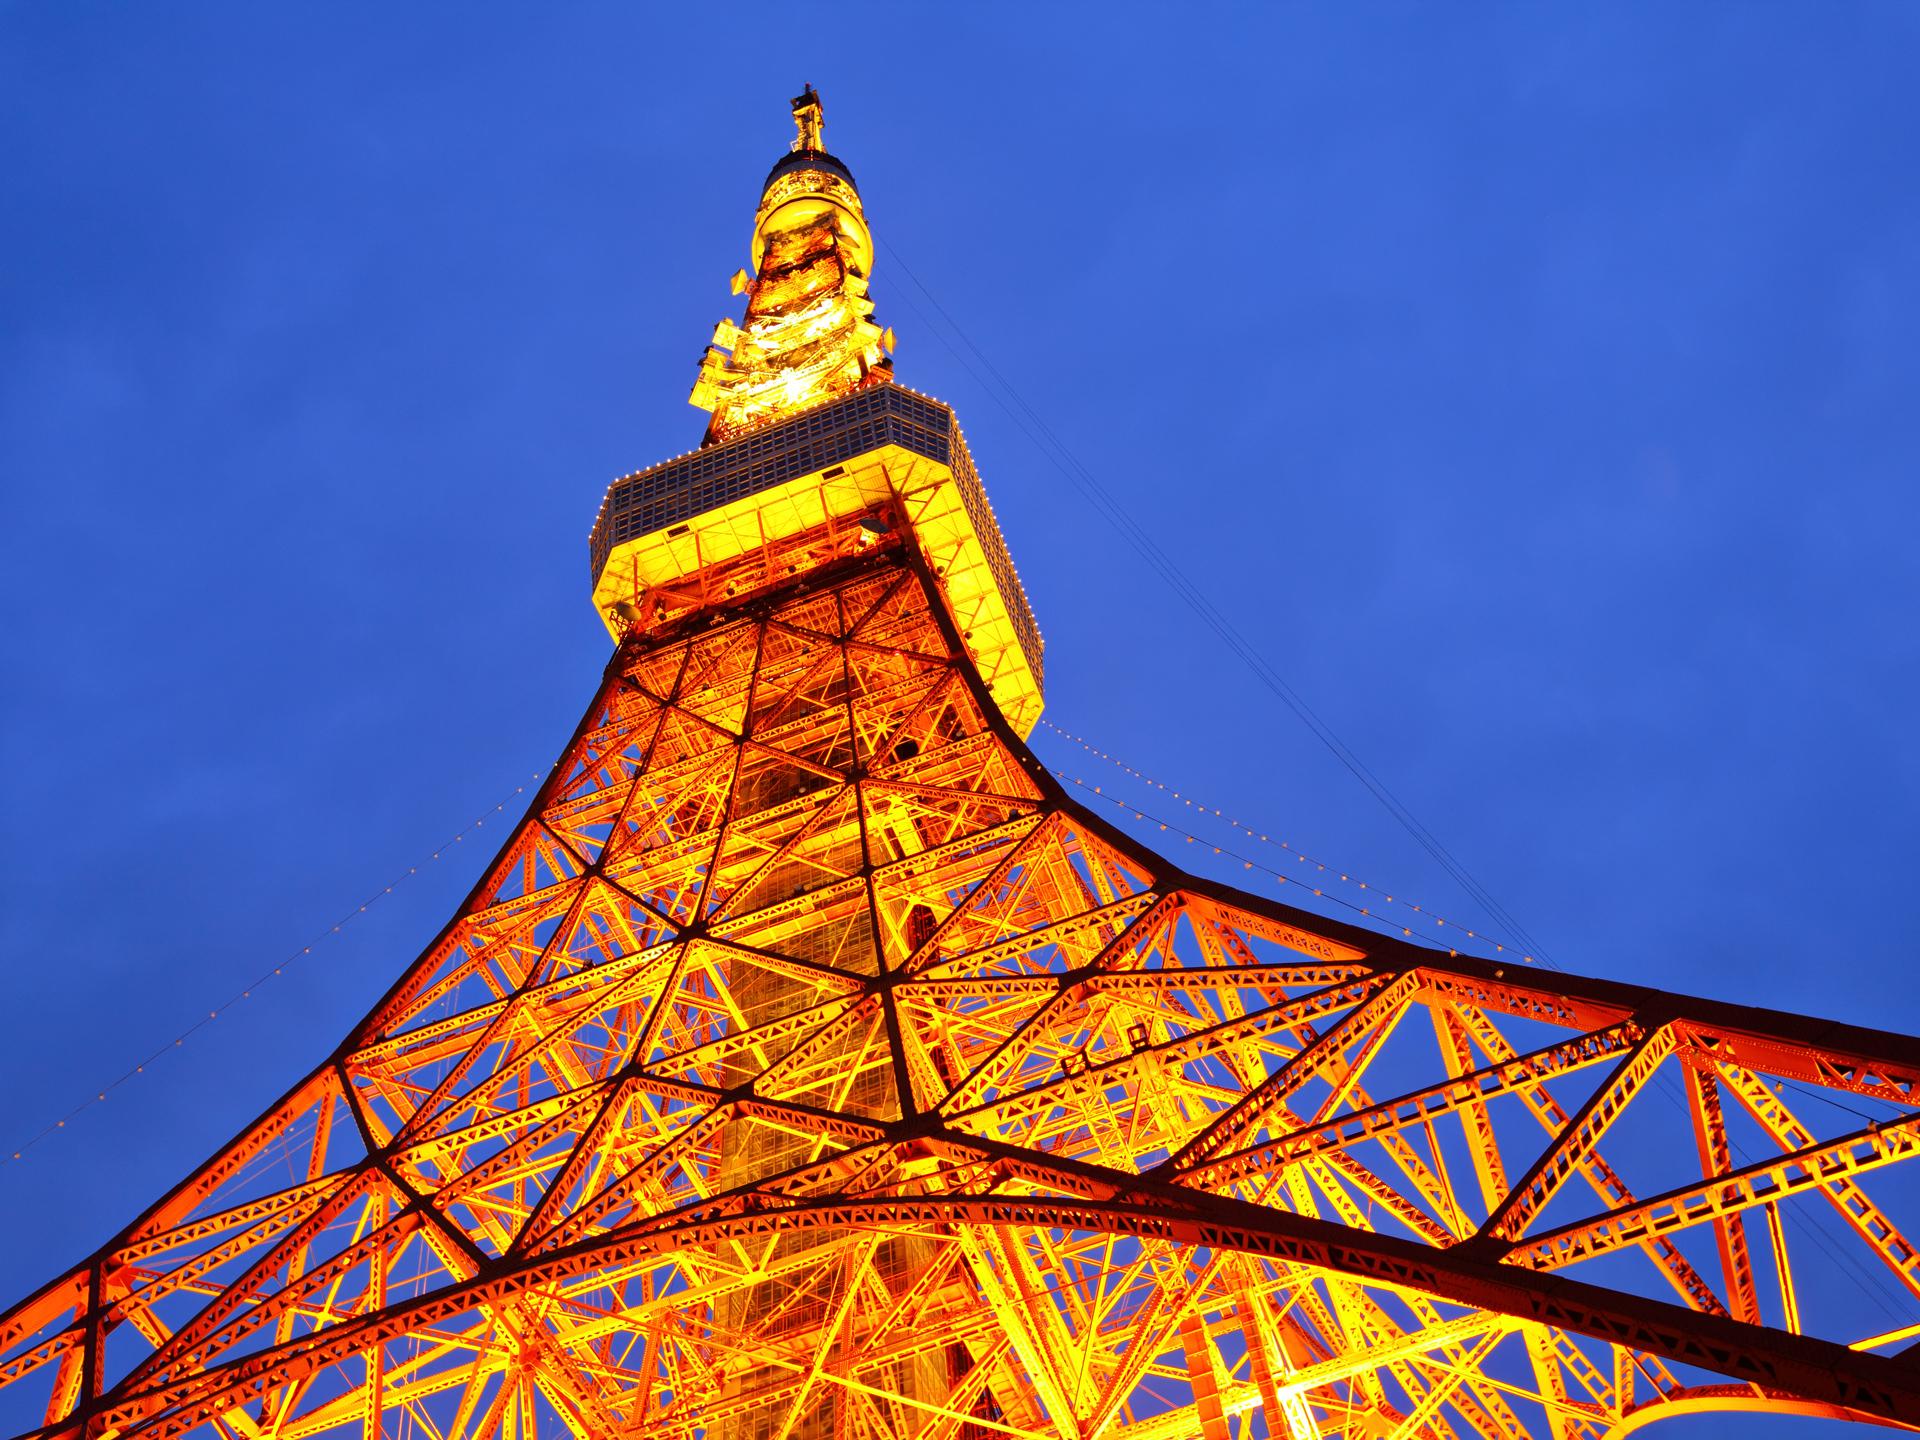 【日本东京】维拉芳泉日本桥箱崎酒店+东京地铁卡套餐